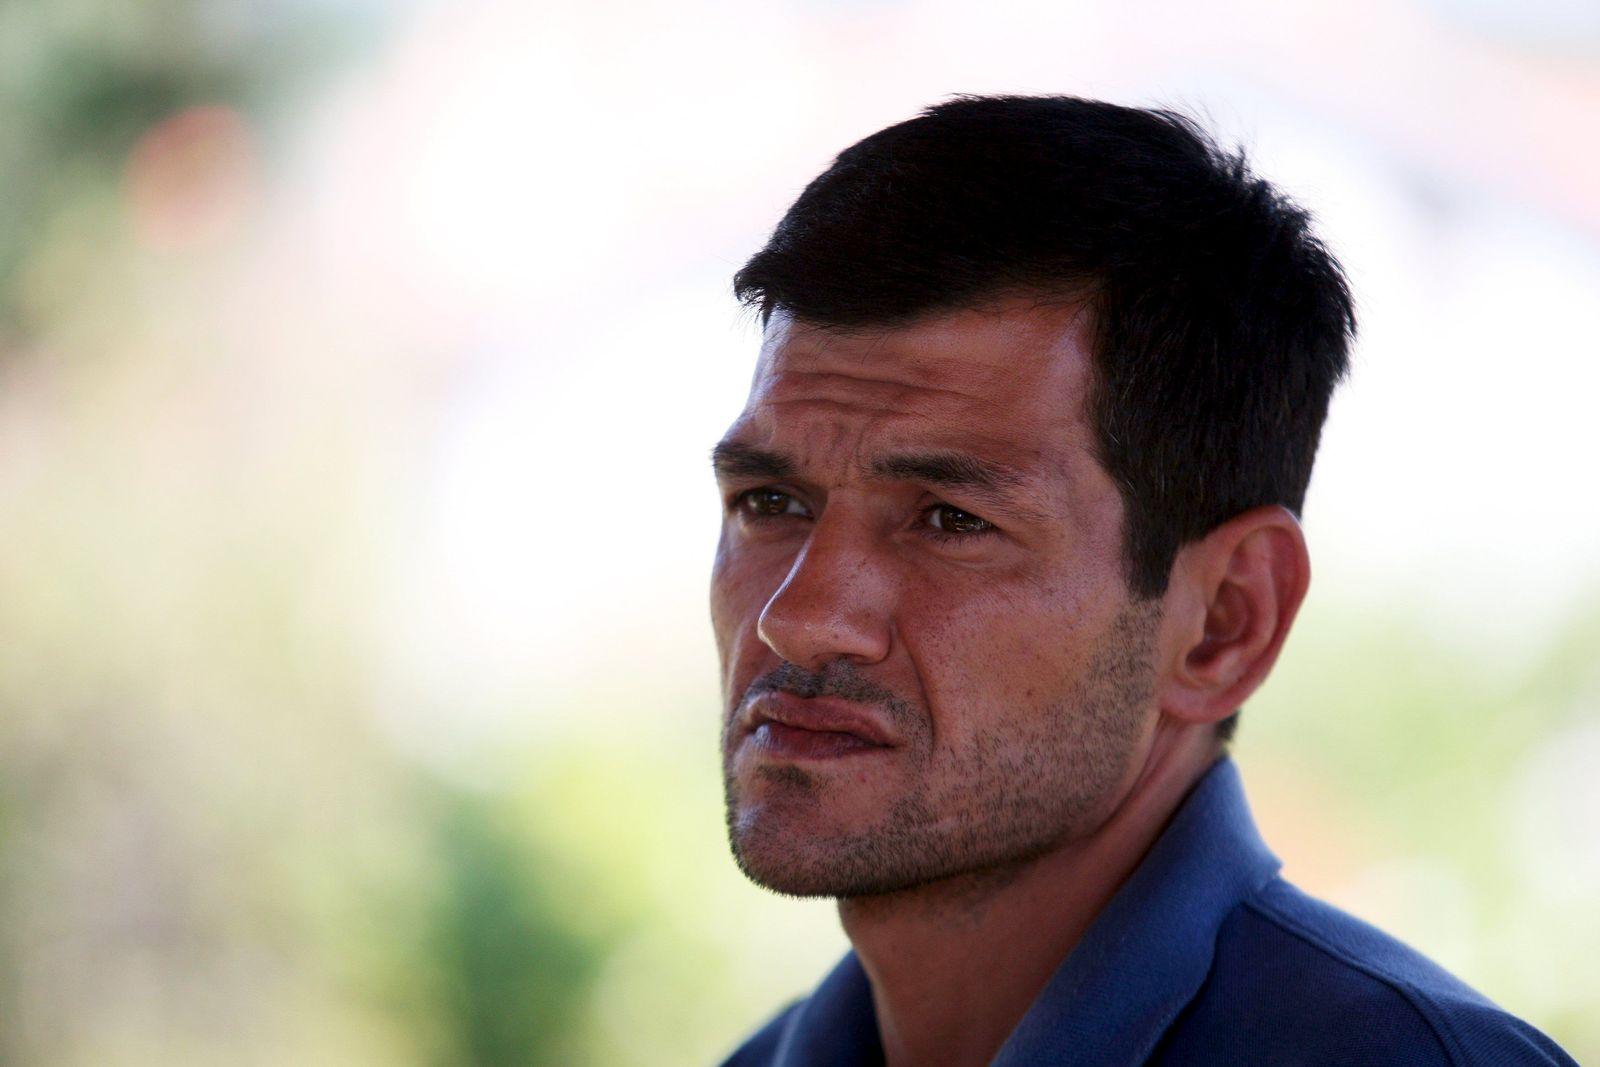 Vater Aylan Kurdi